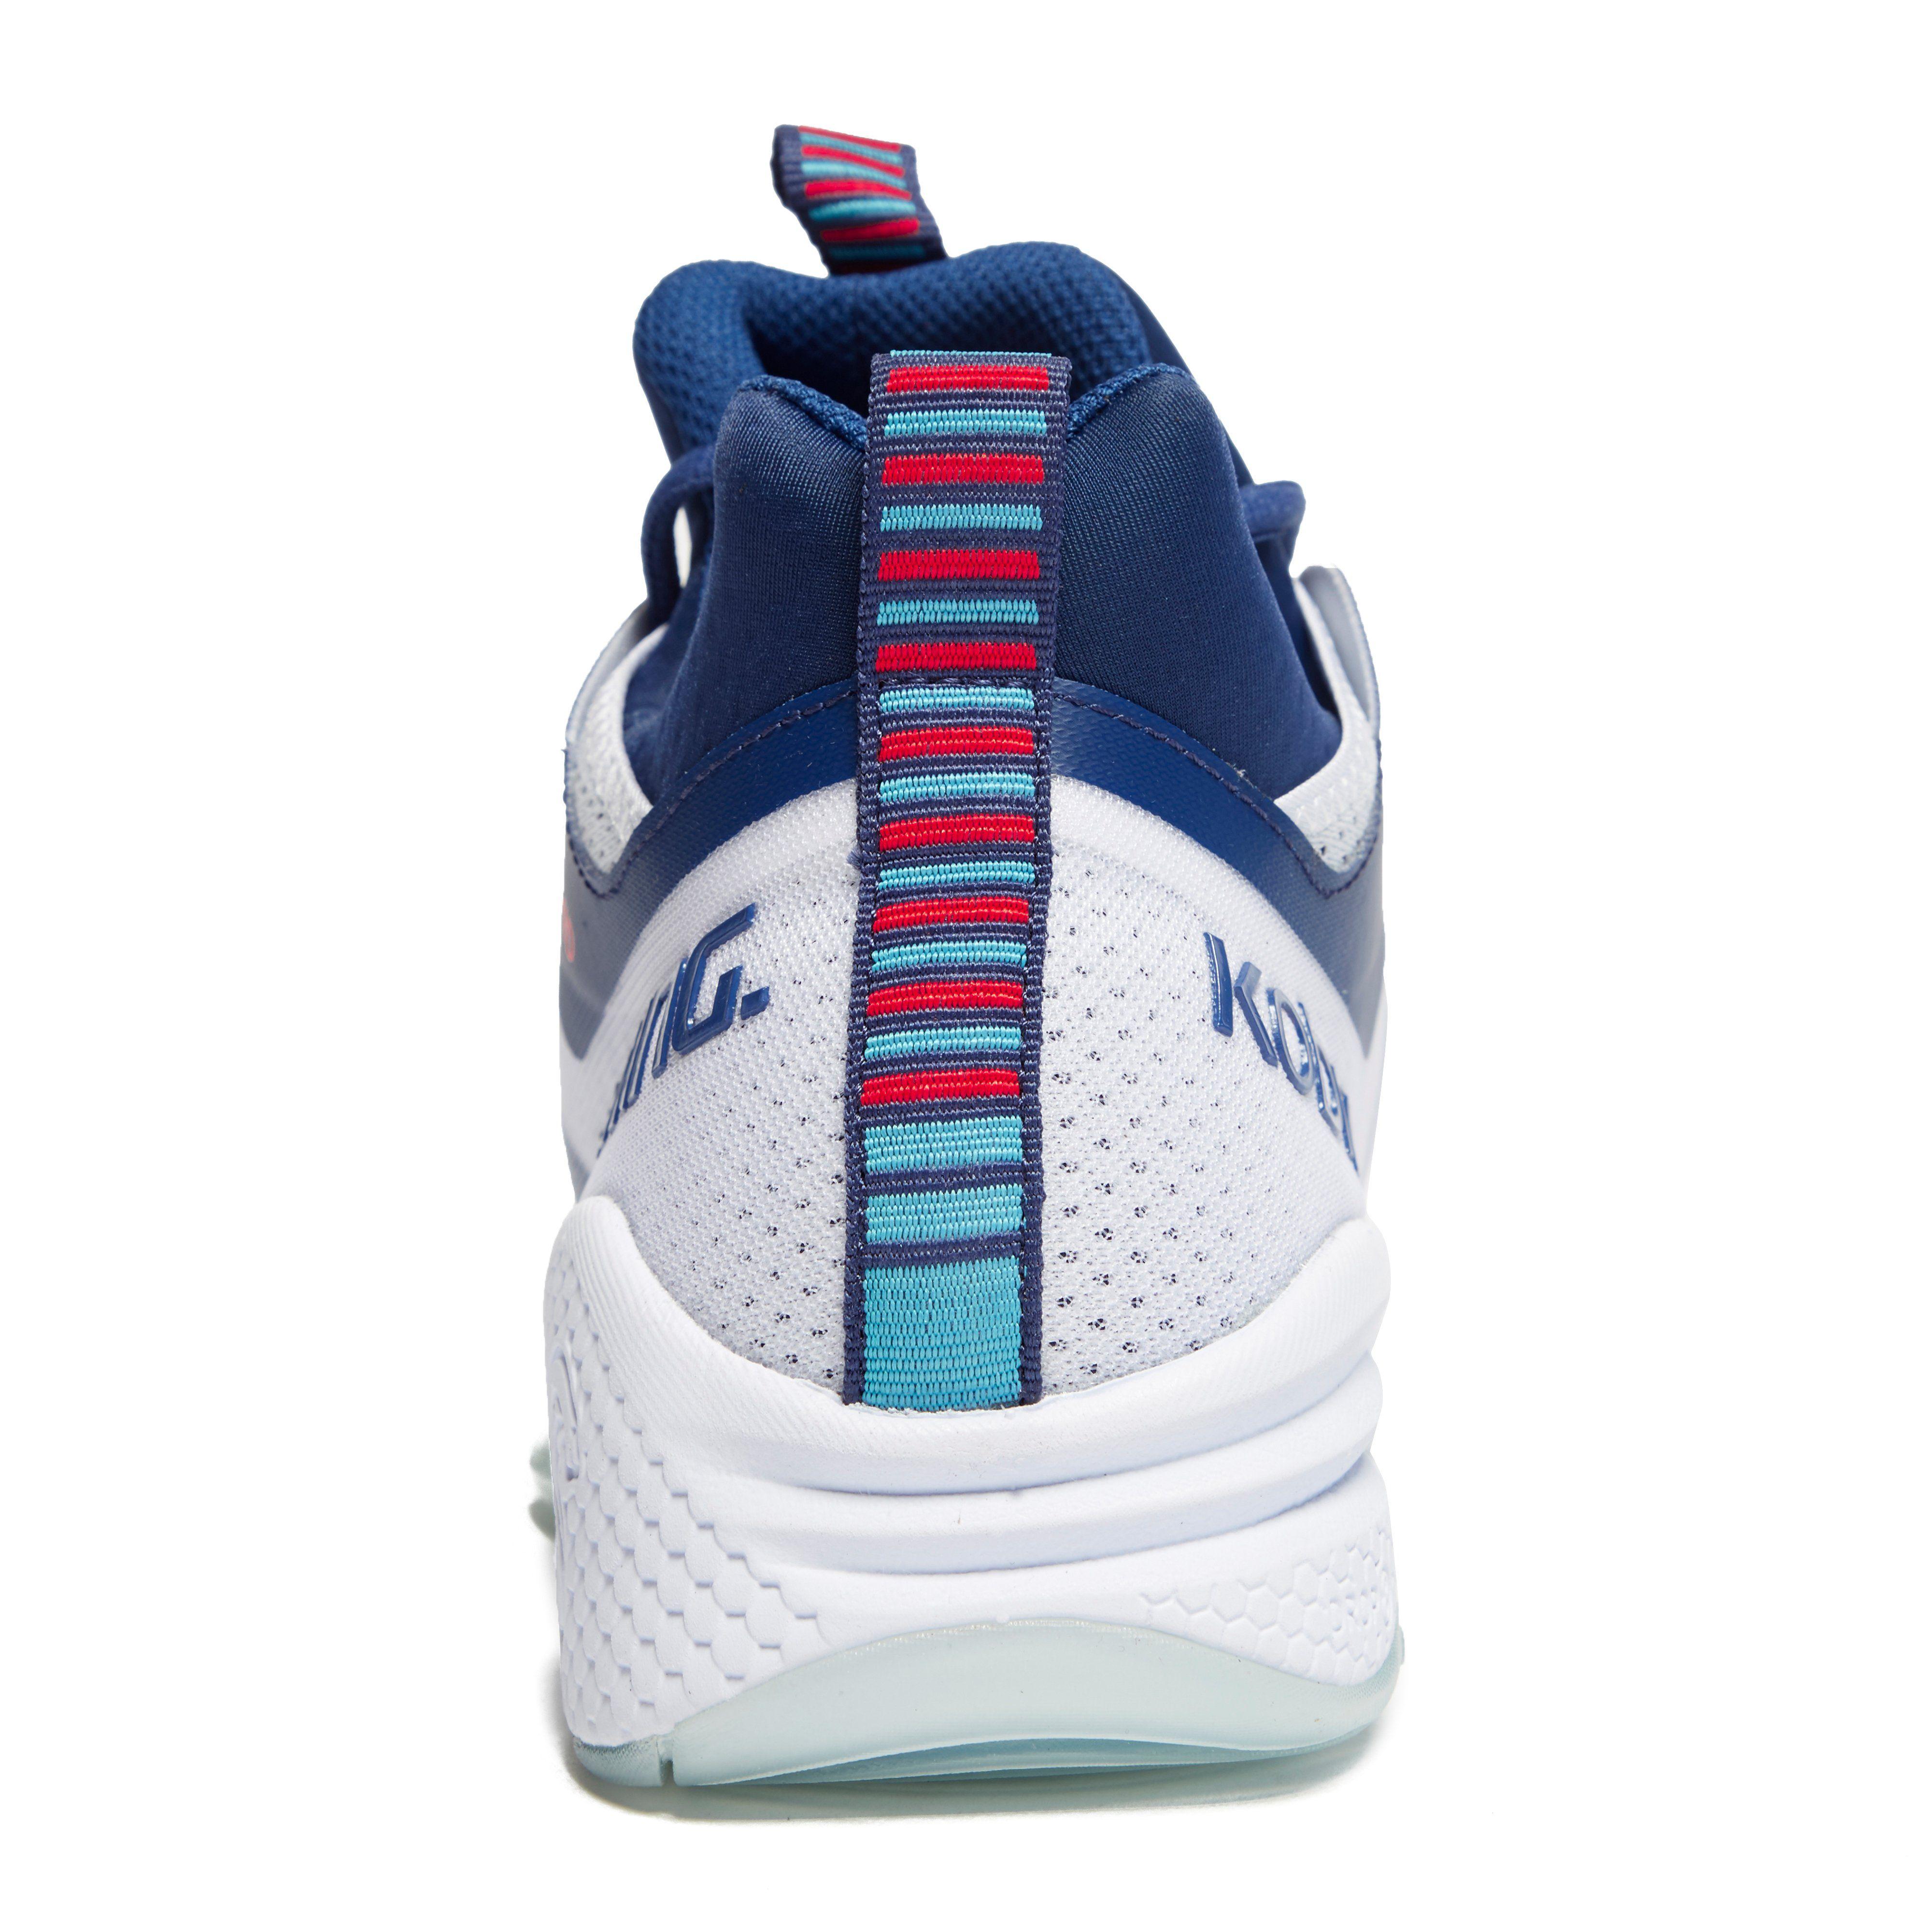 Salming Kobra Mid 2 Men's Indoor Court Shoes